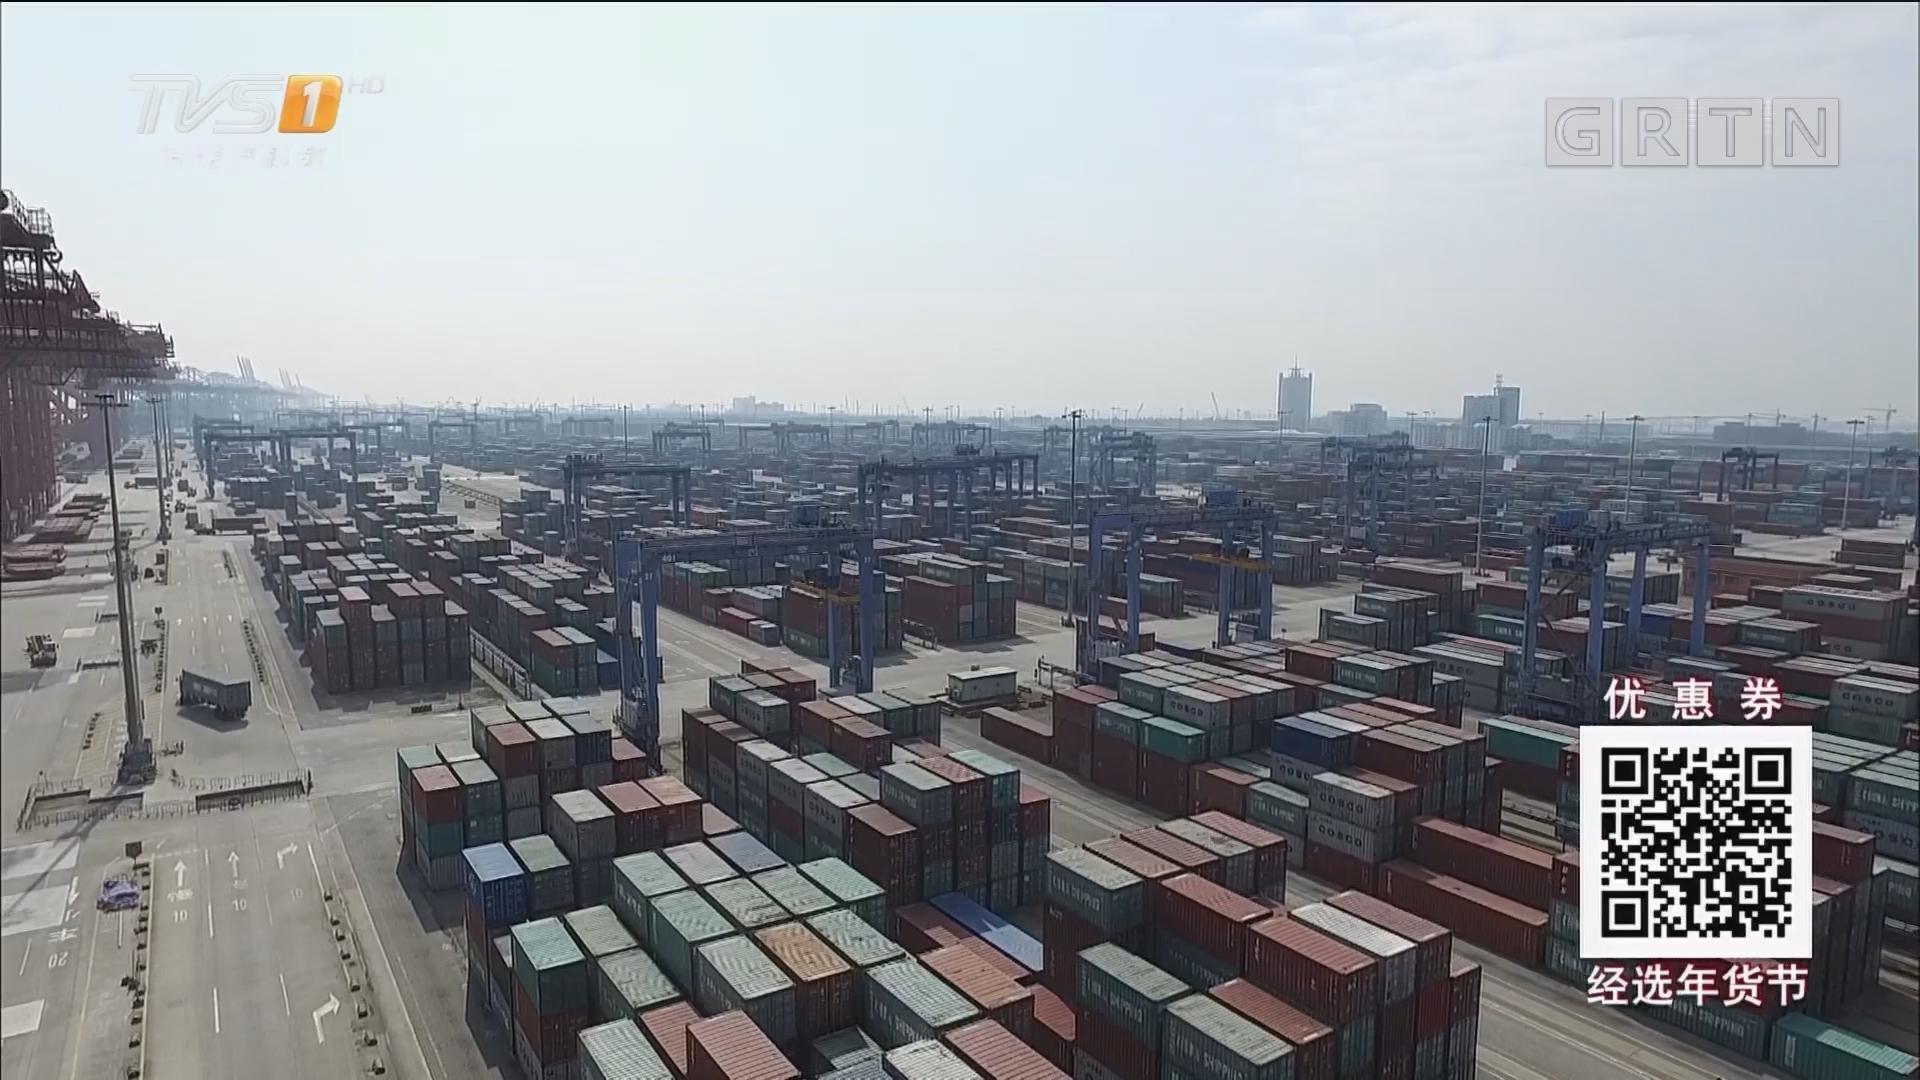 广州港 有望跻身全球前三